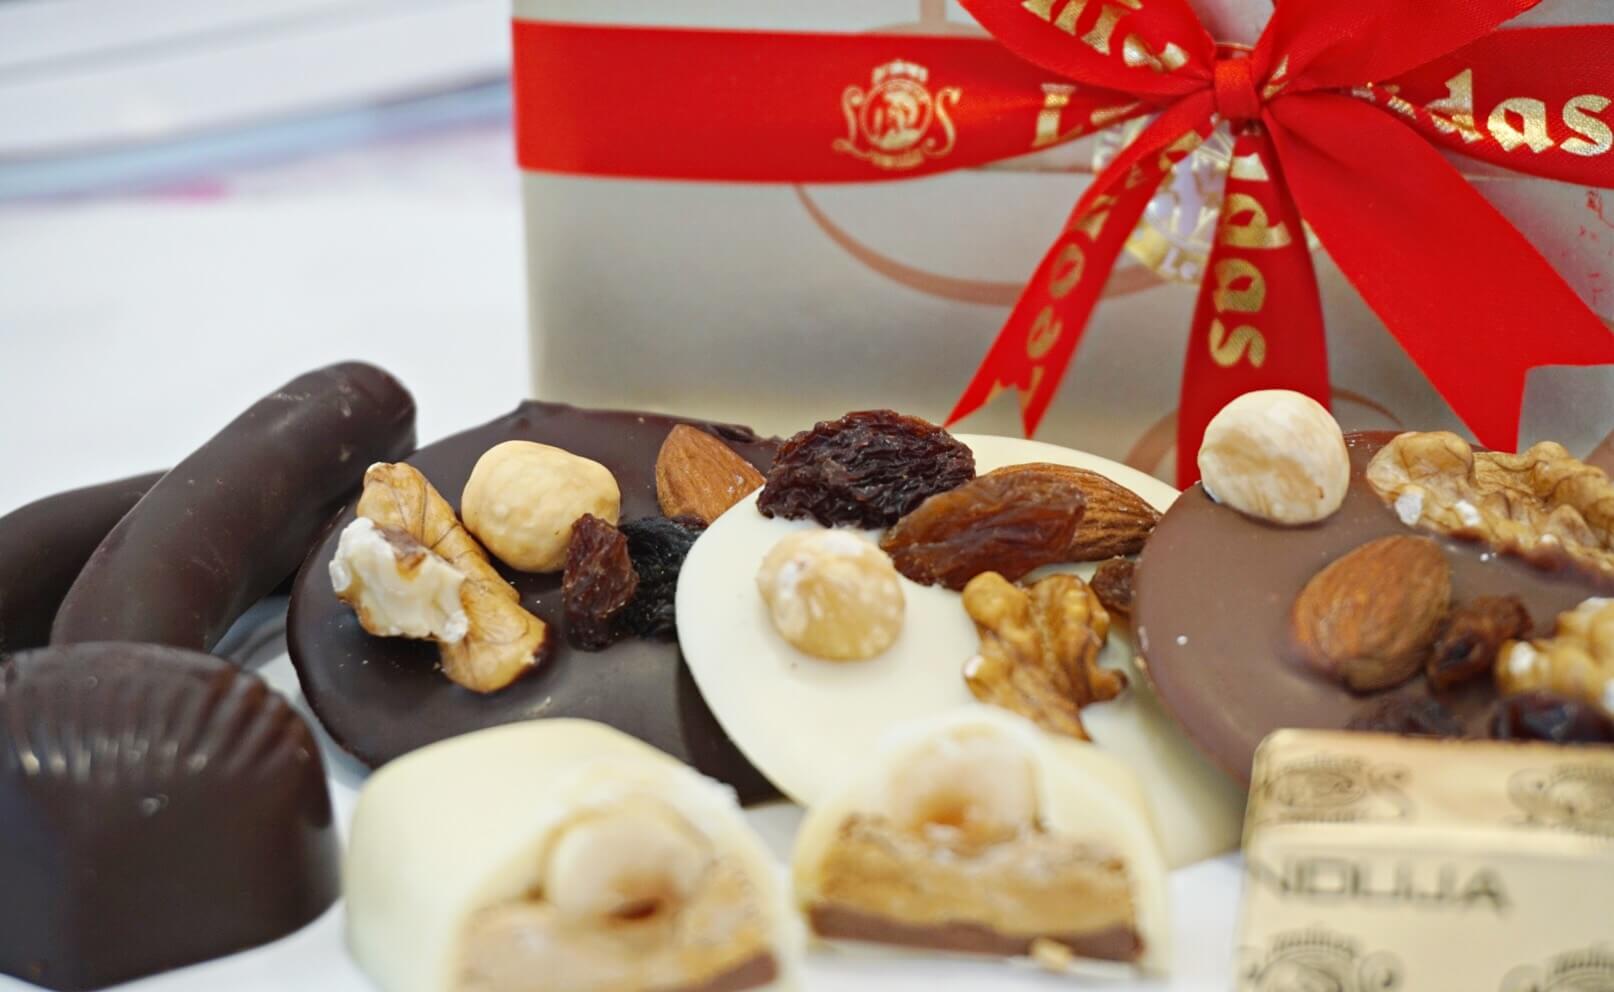 ベルギーで最も親しまれている伝統のチョコレート『レオニダス』を初体験 ♬